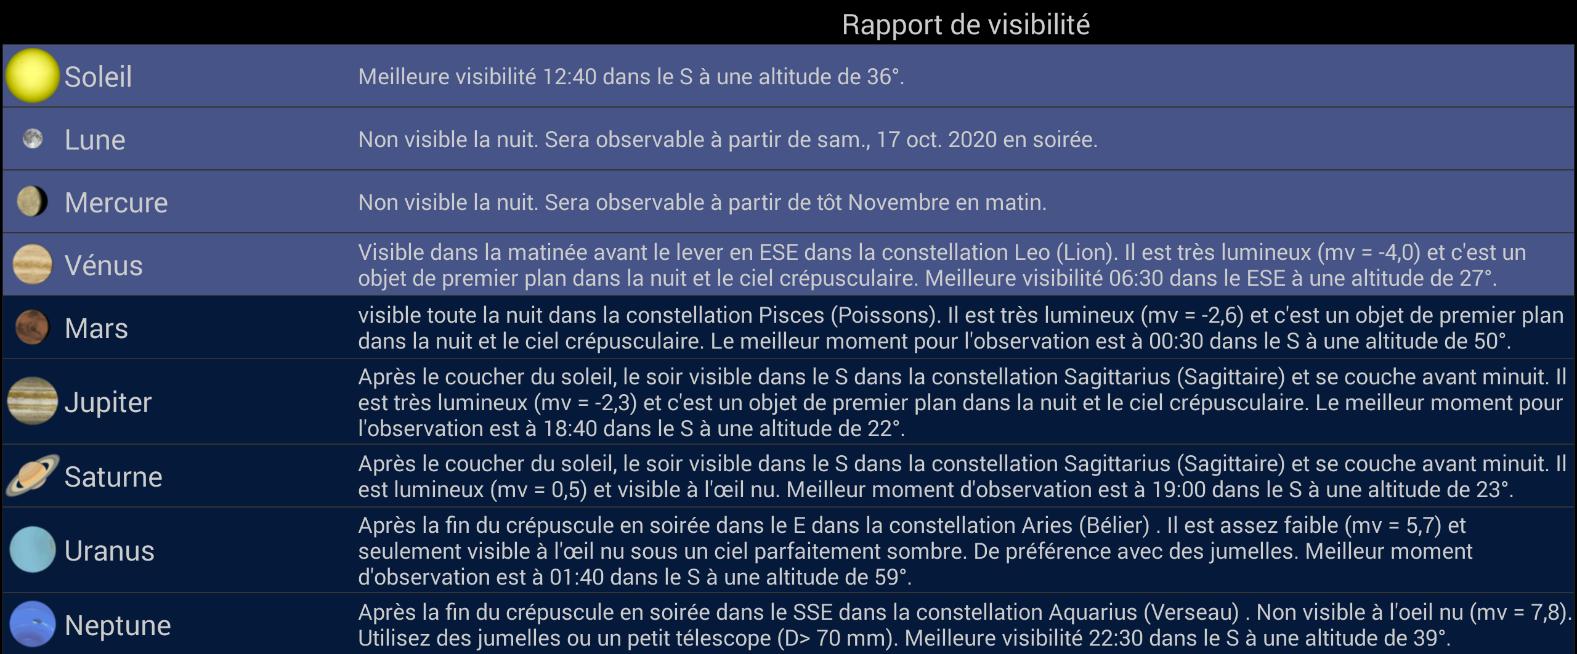 Visibilité des planètes pour d'octobre 2020